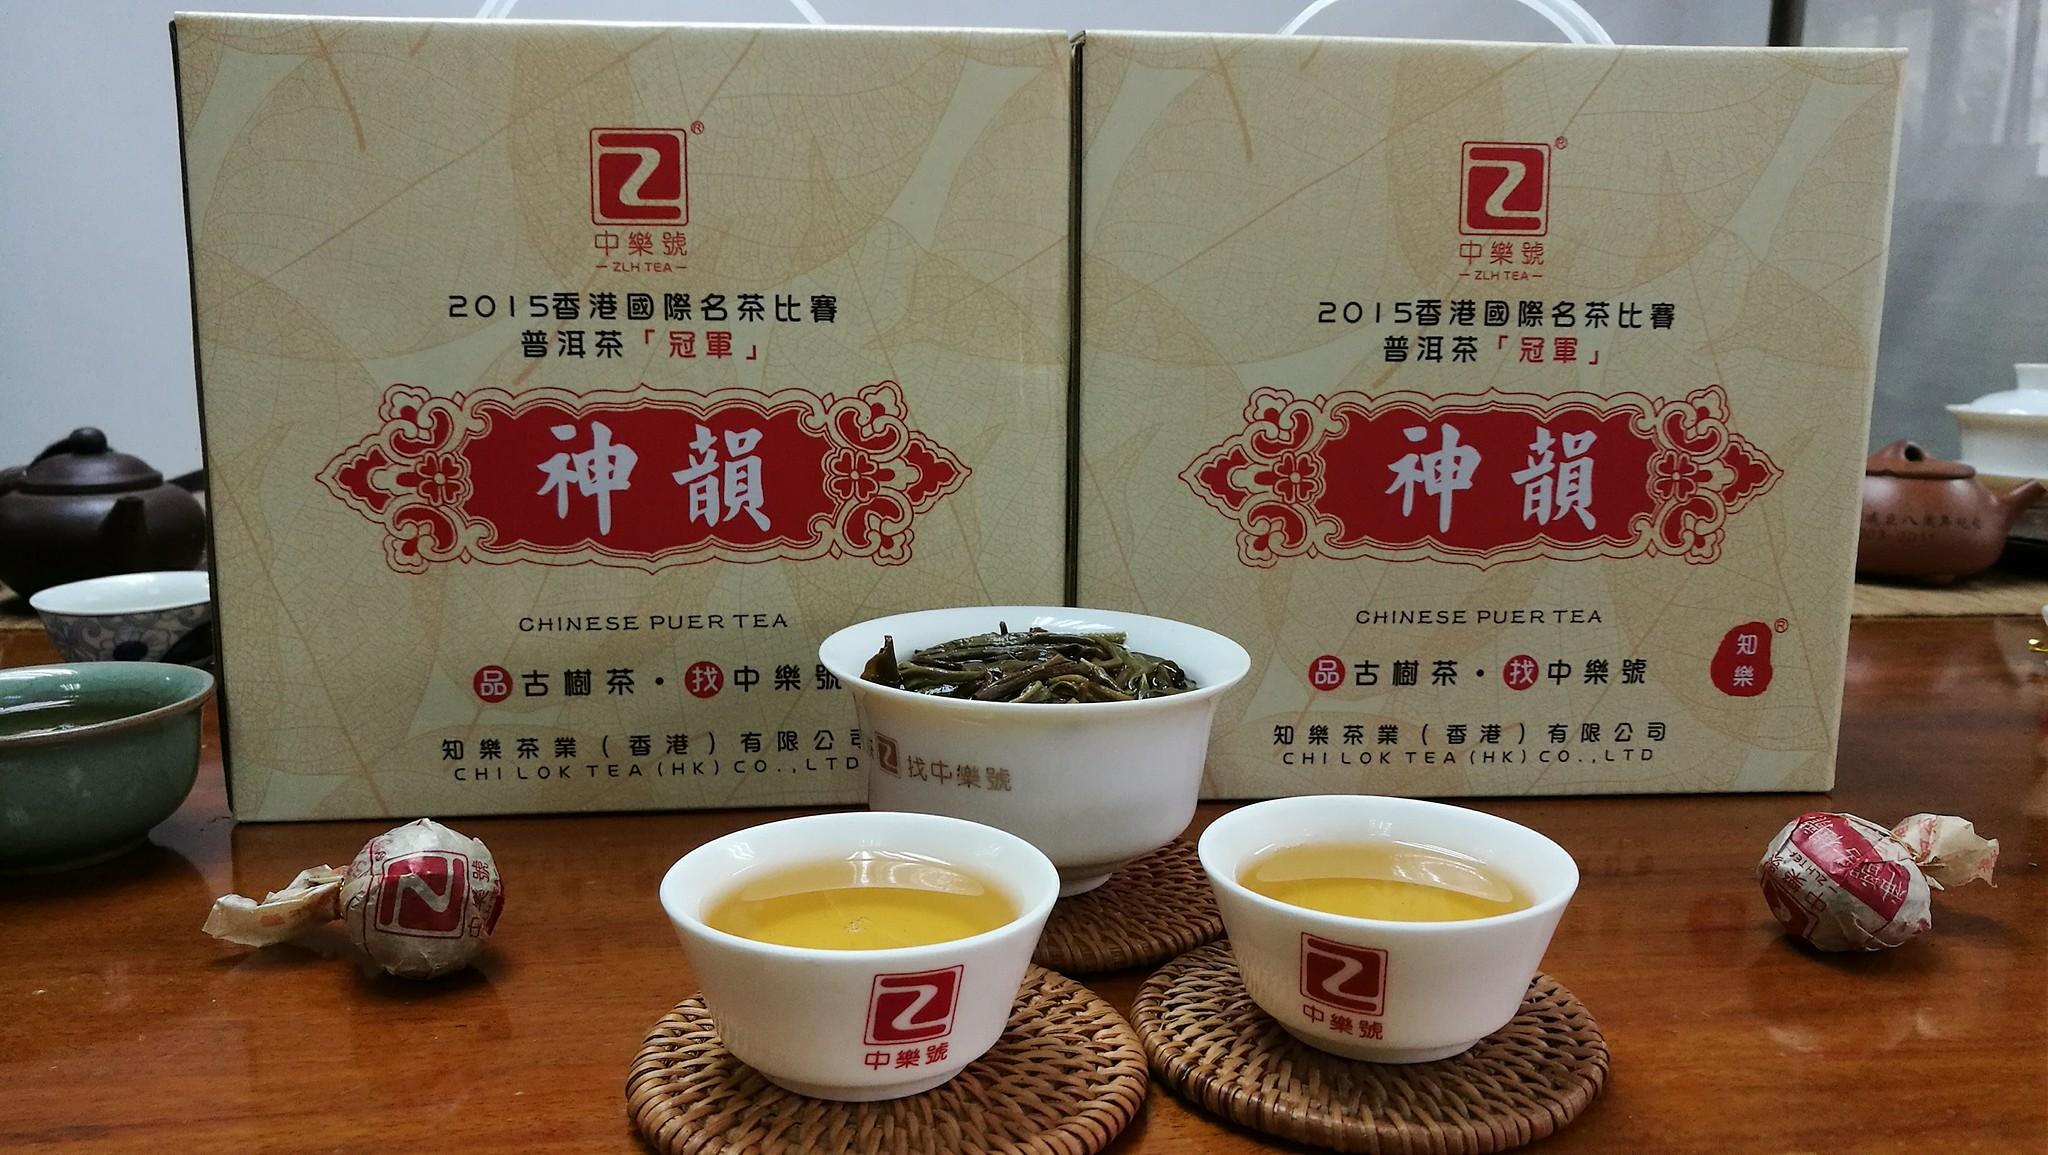 香港冠军<a href=http://www.86puer.com target=_blank class=infotextkey>普洱茶</a>-神韵